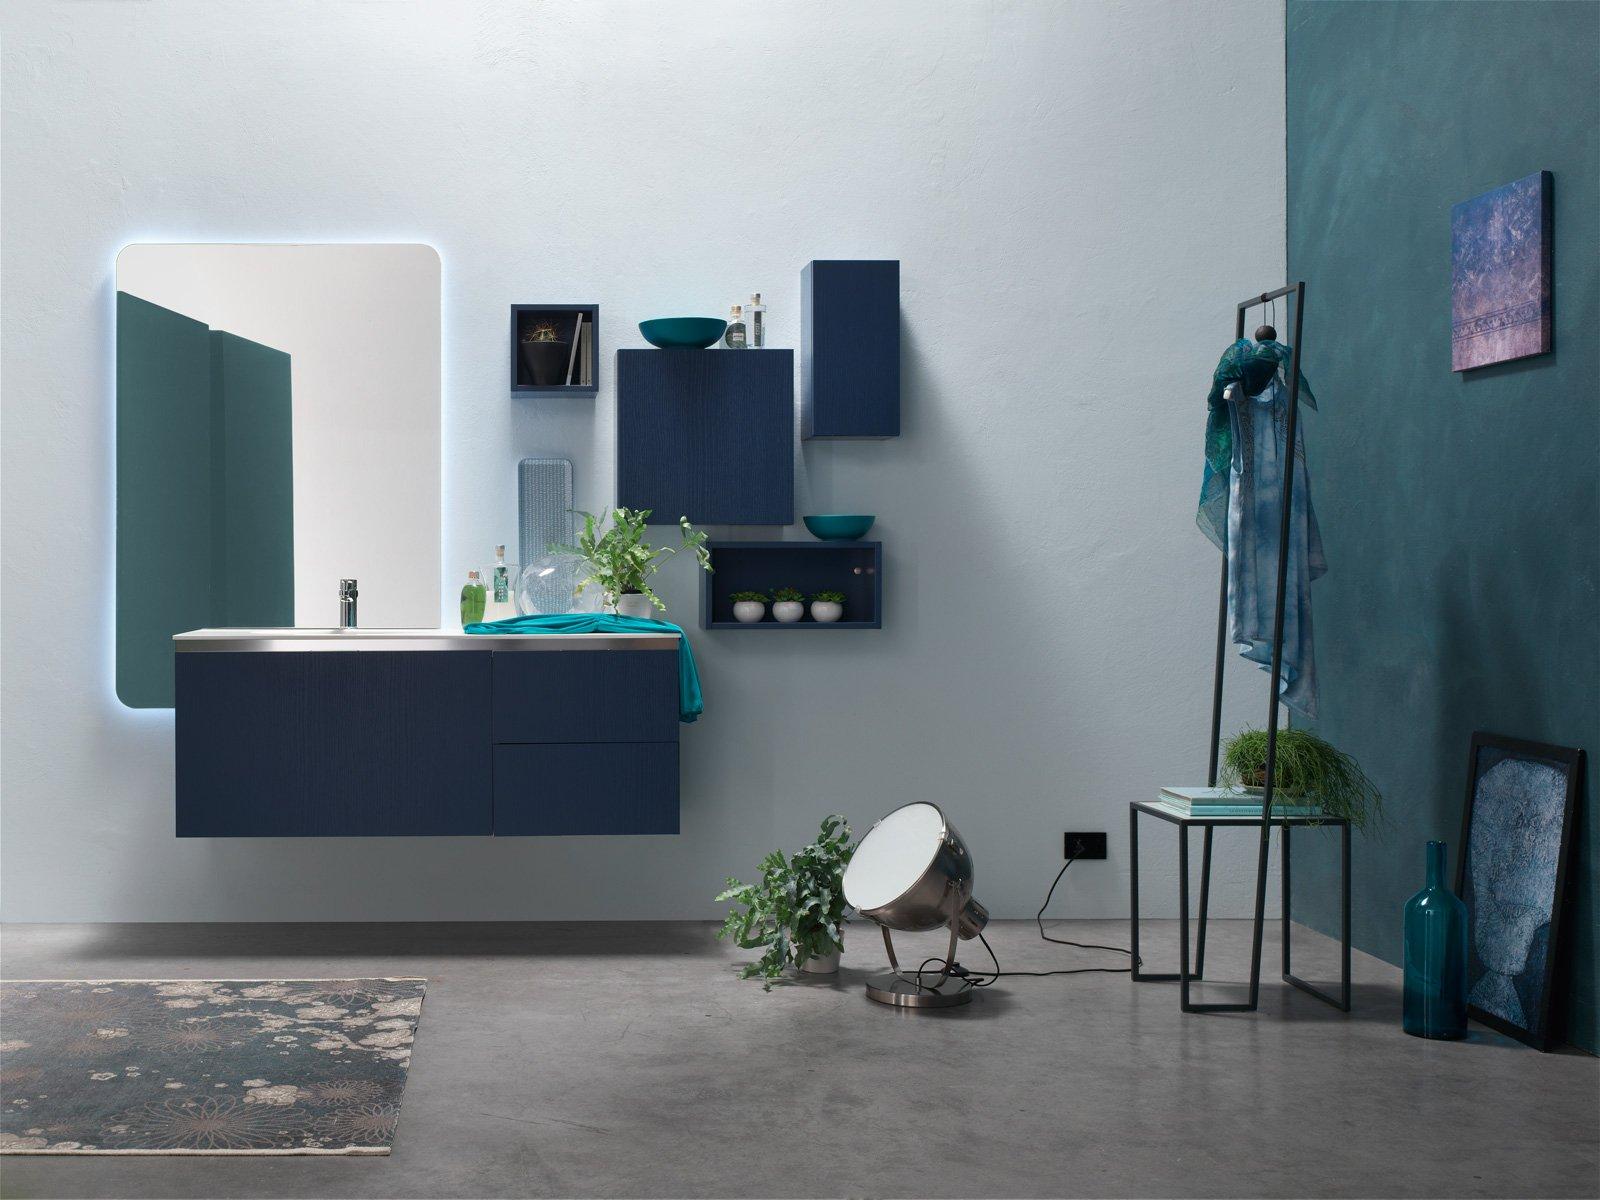 Arcom arreda il bagno con i colori della nuova linea ak - Bagno di colore grigio capelli ...